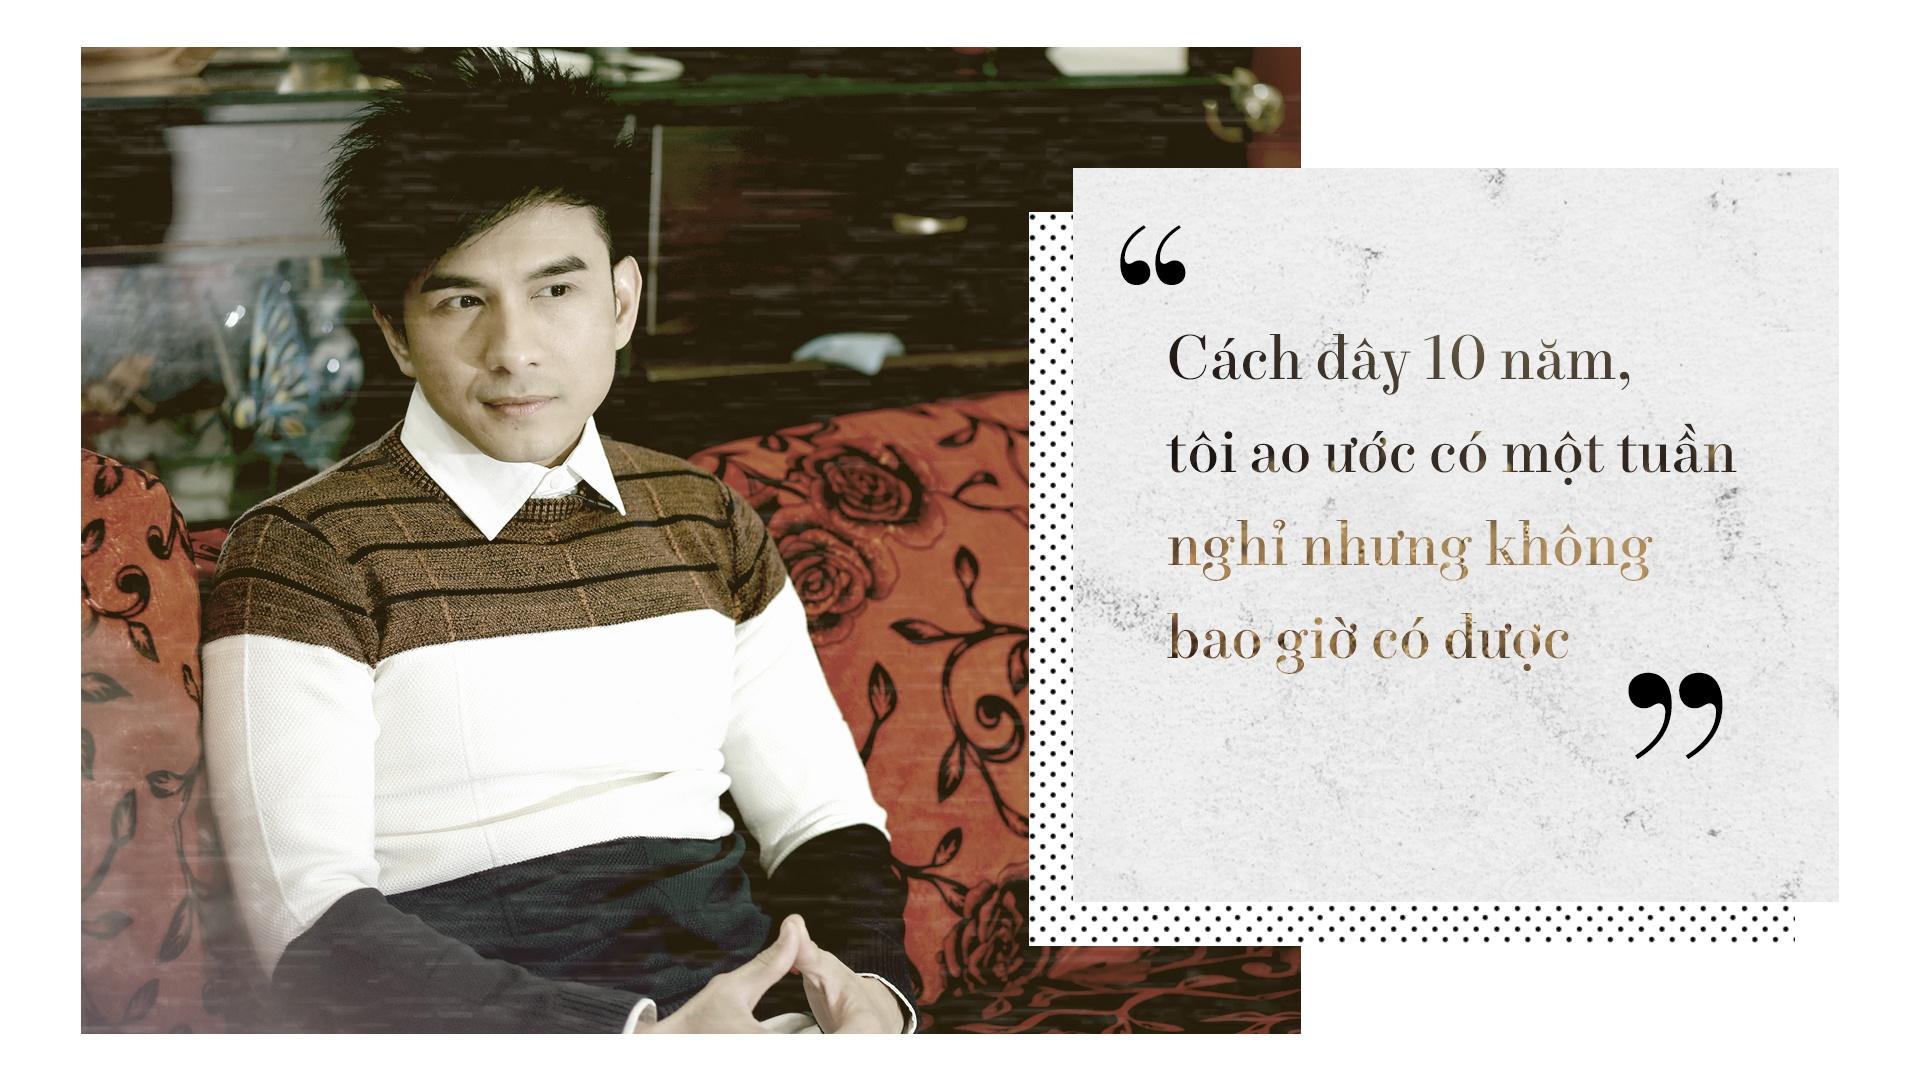 Dan Truong: Chang trai nam ay da ve nen tuoi thanh xuan cua the he 8X hinh anh 3